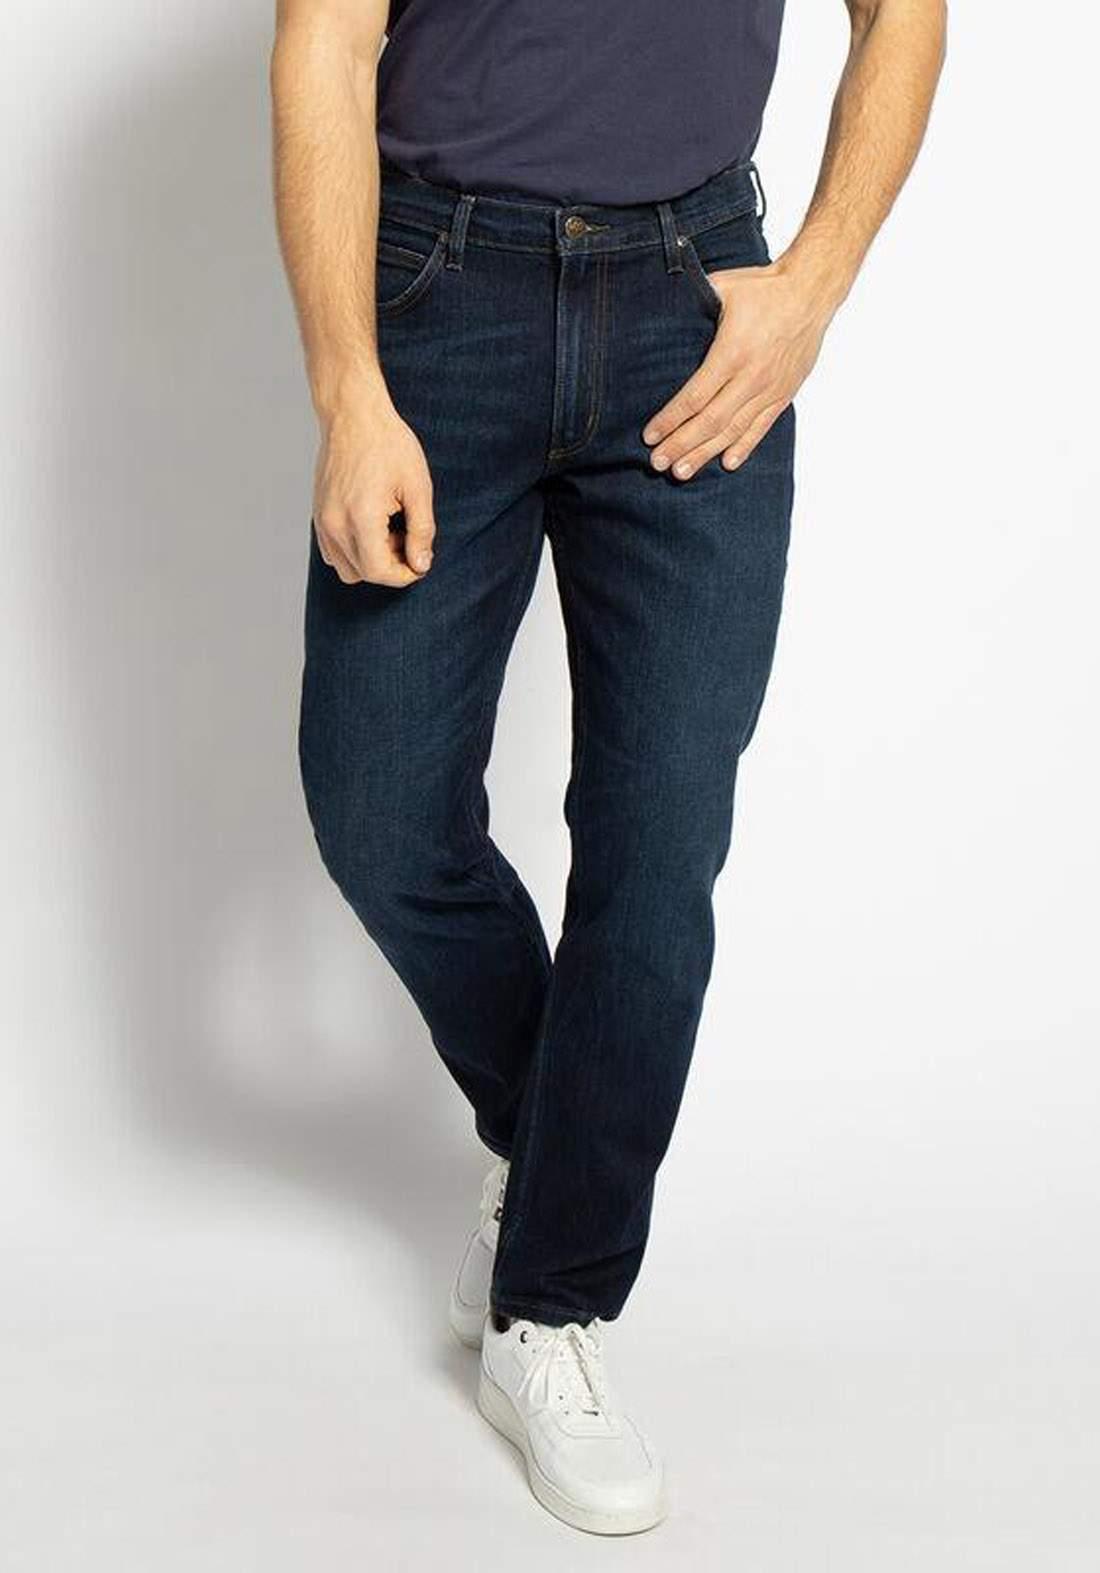 بنطلون جينز رجالي نيلي اللون من Lee